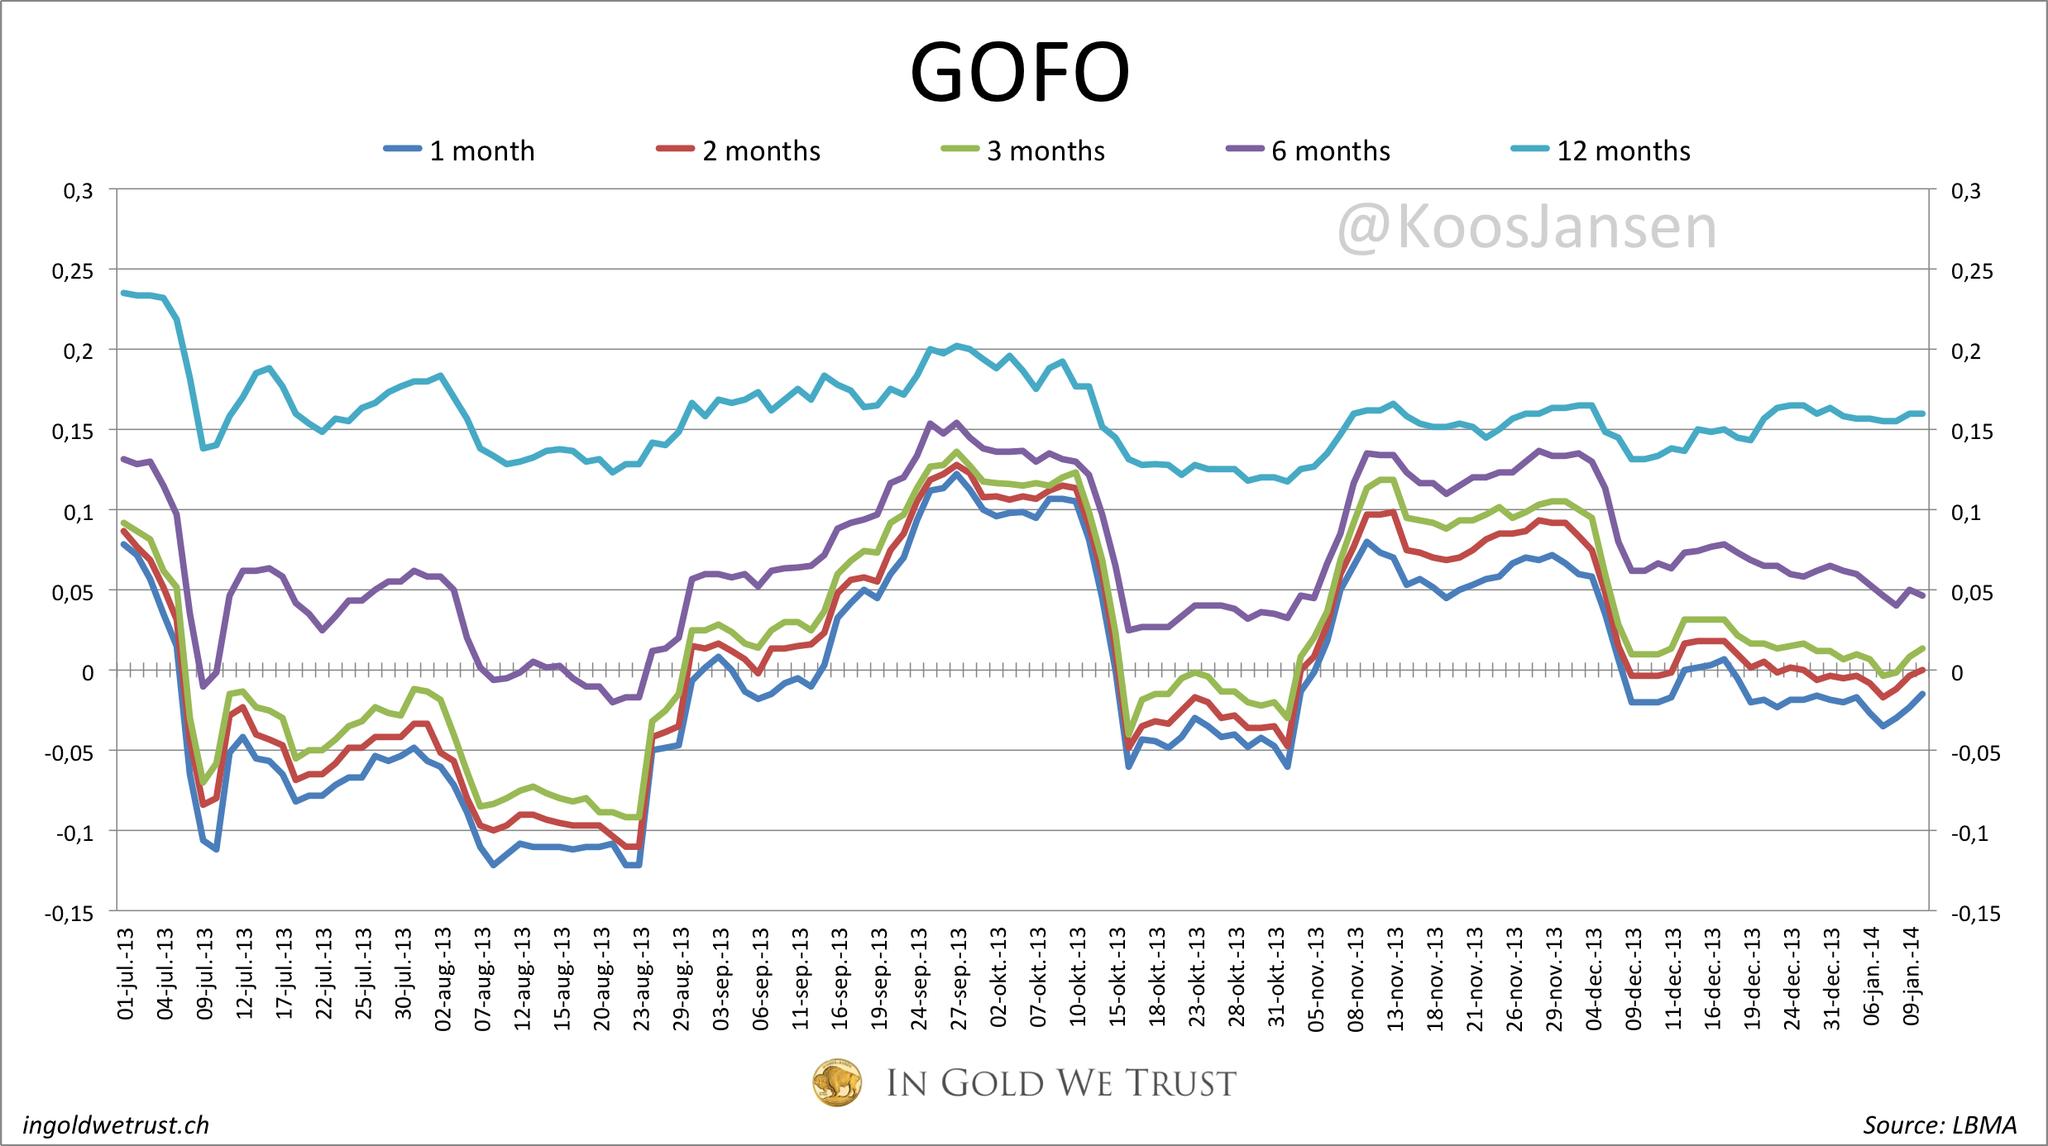 Gold Leases rates et Gofo: explications et fil d'actualités Bds-9lxCAAAm9Ah